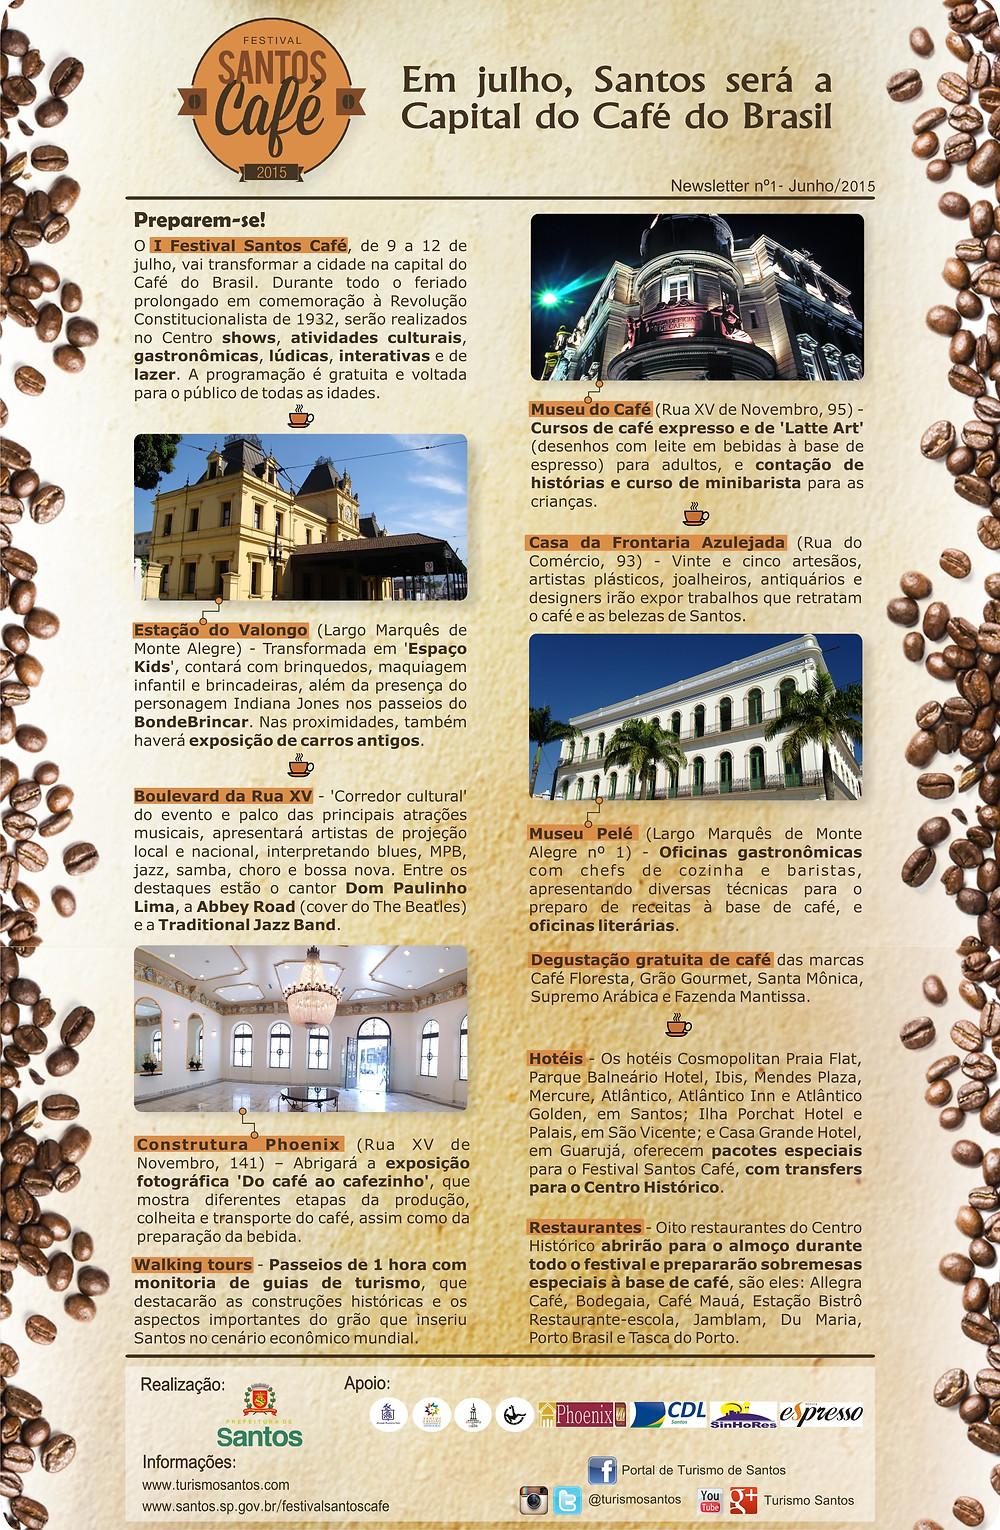 Festival_Santos_Cafe_Newsletter1.jpg